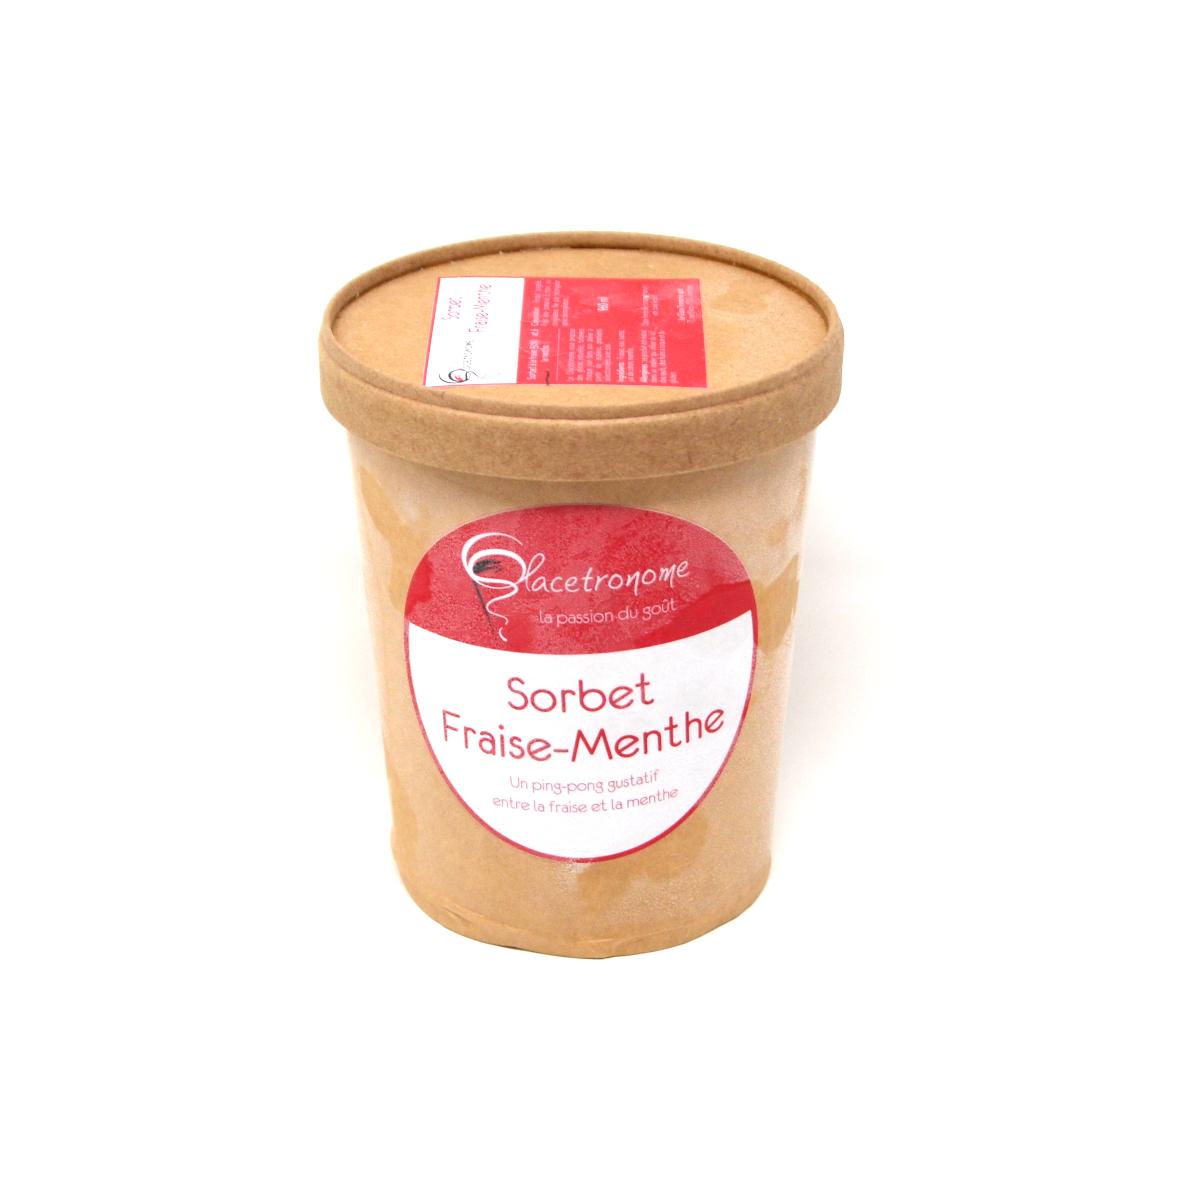 Sorbet fraise-menthe Glace tronome 1L